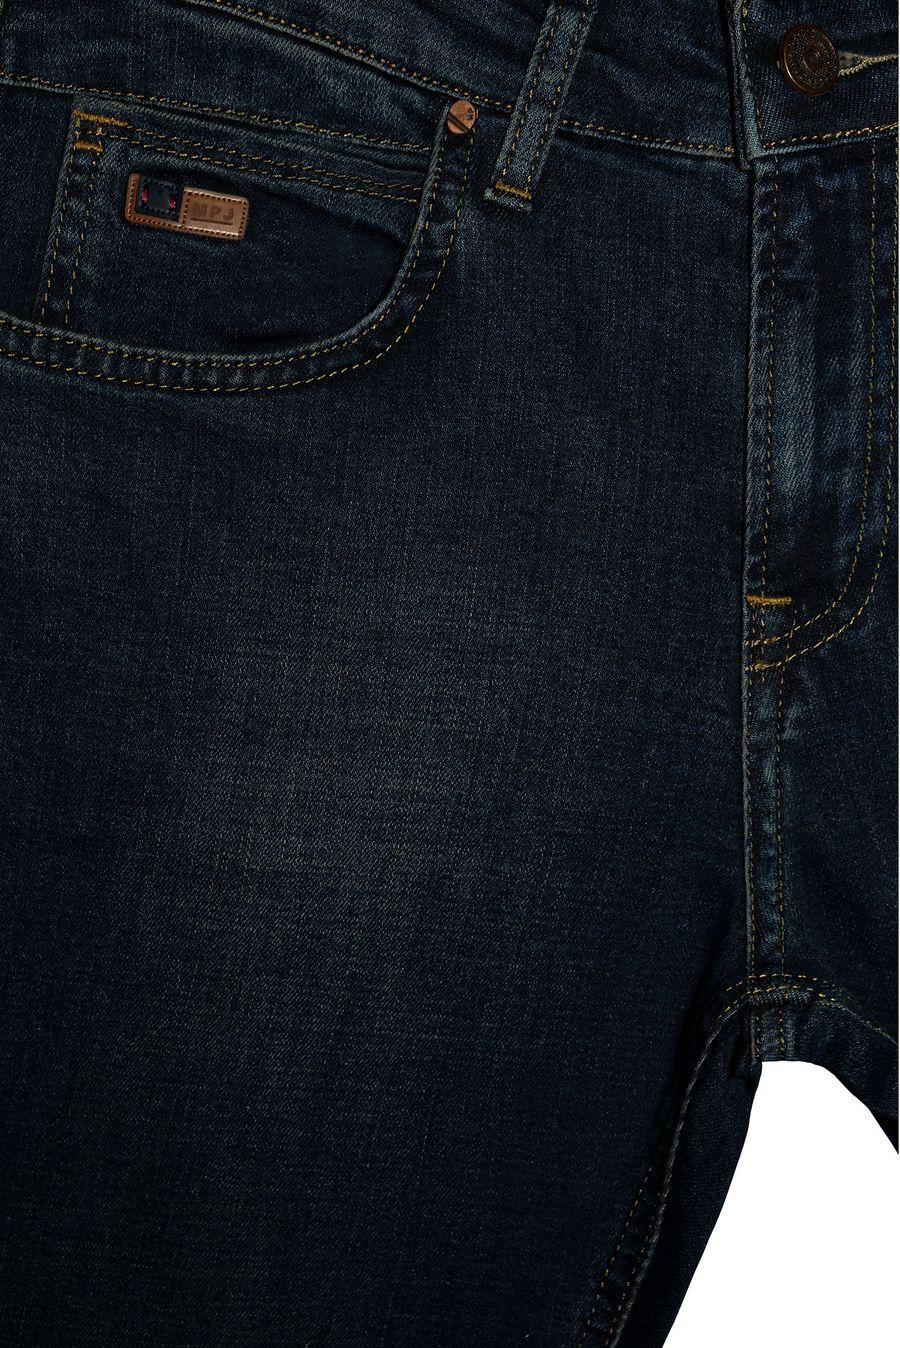 Джинсы мужские MAC Person DP2808-11744 Mid Blue L36 - фото 3